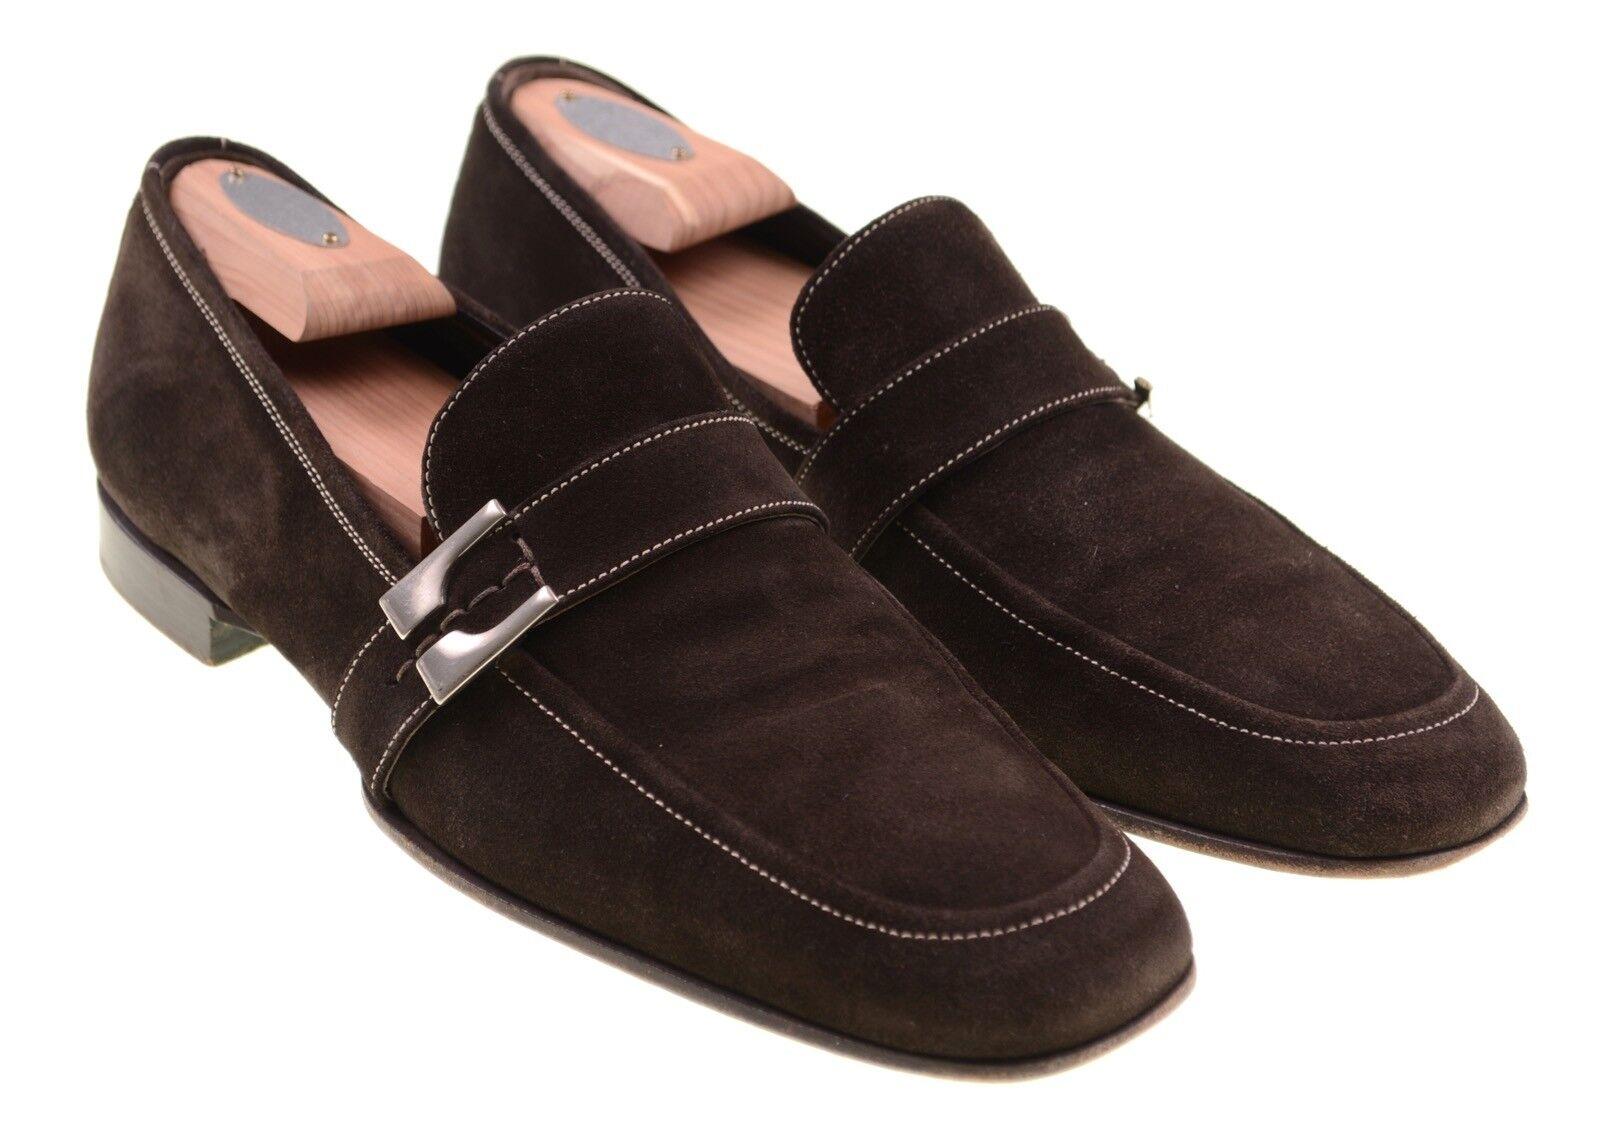 PAL Zileri Hecho en Italia Hebilla Correa De Cuero Marrón Gamuza Mocasines Zapatos 8 Completo